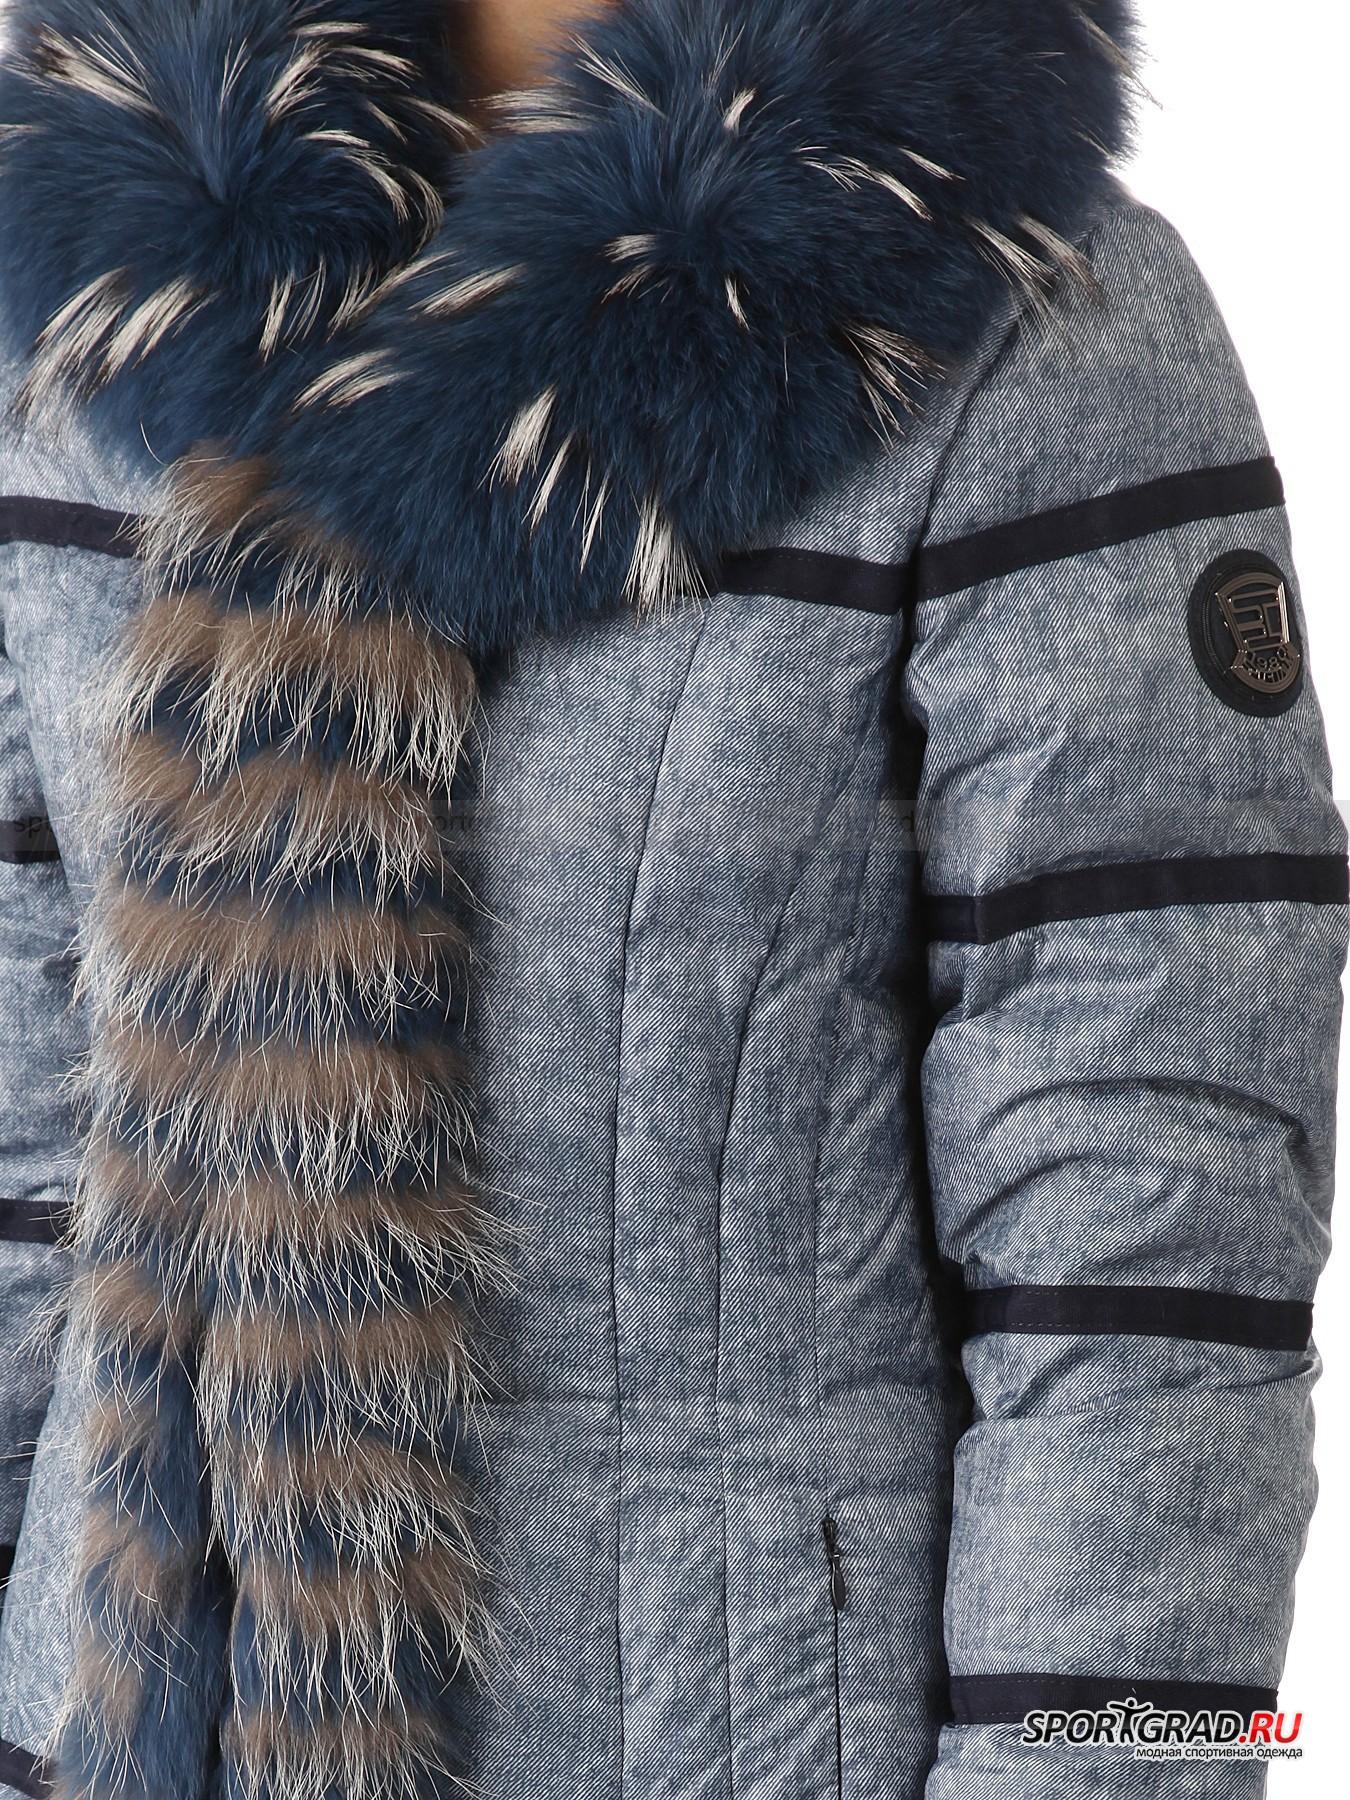 Пальто женское Rebel fox fur SPORTALM от Спортград